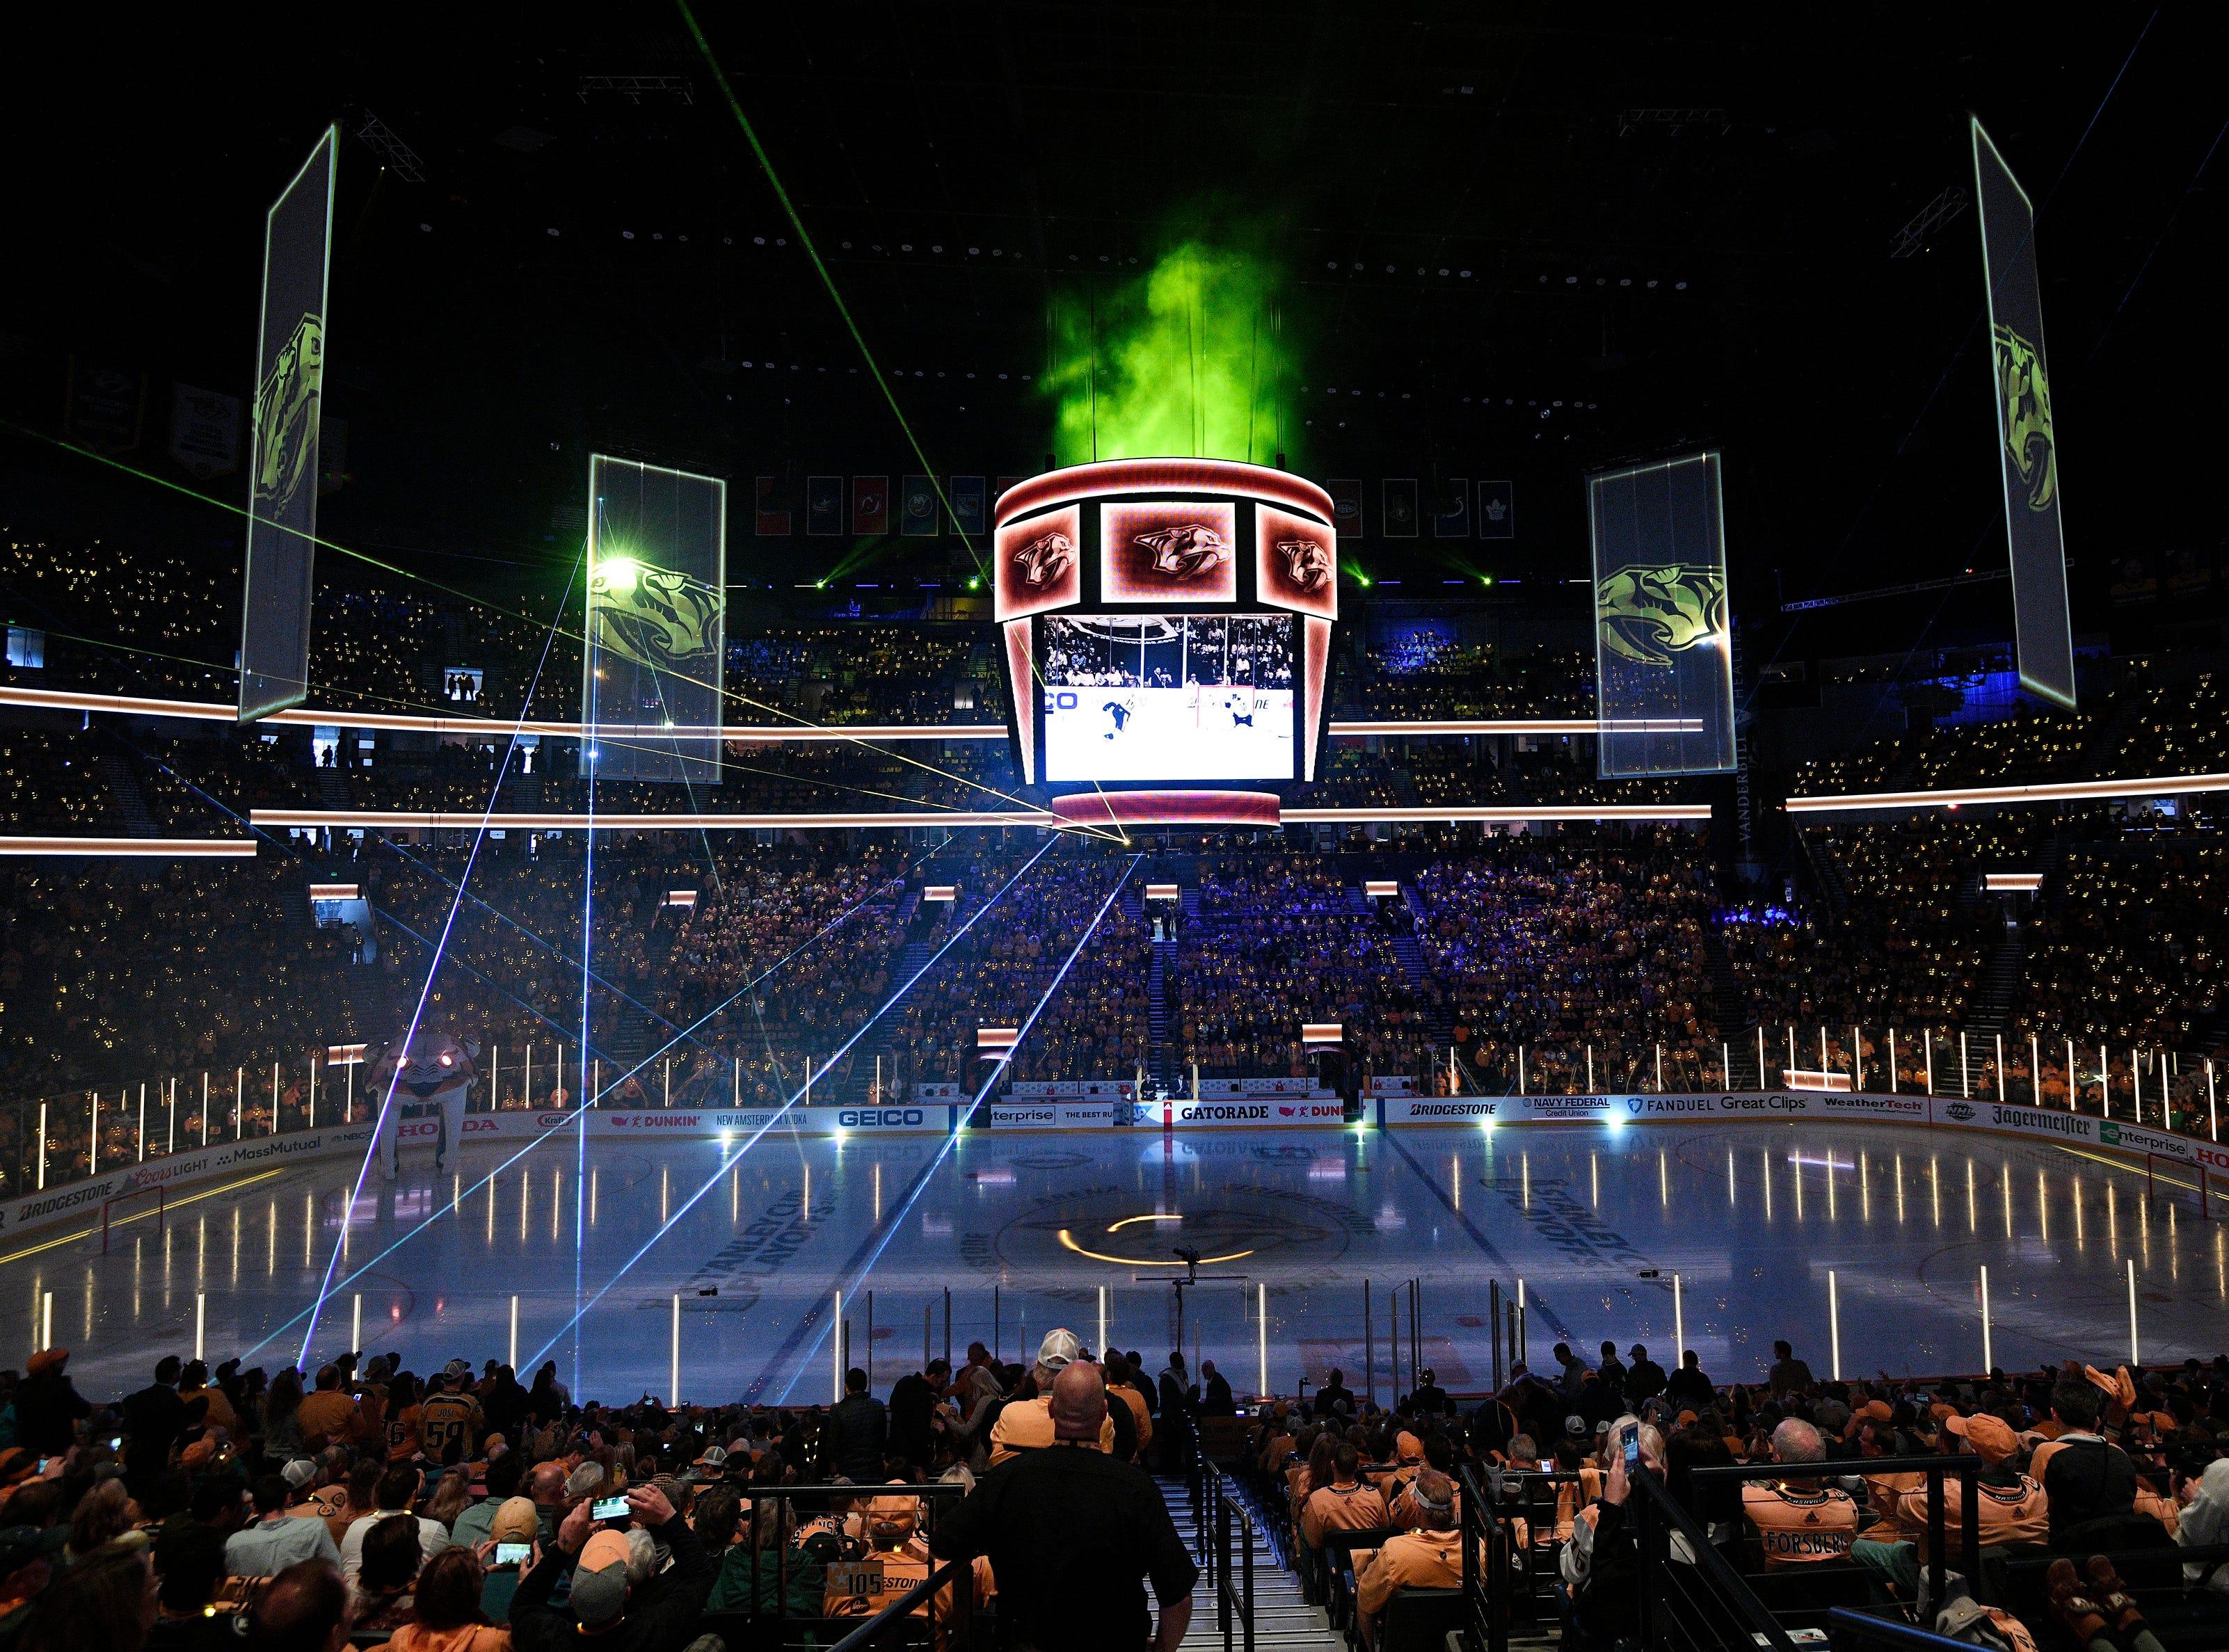 Pregame festivities before during the Predators' divisional semifinal game against the Stars at Bridgestone Arena in Nashville, Tenn., Saturday, April 13, 2019.